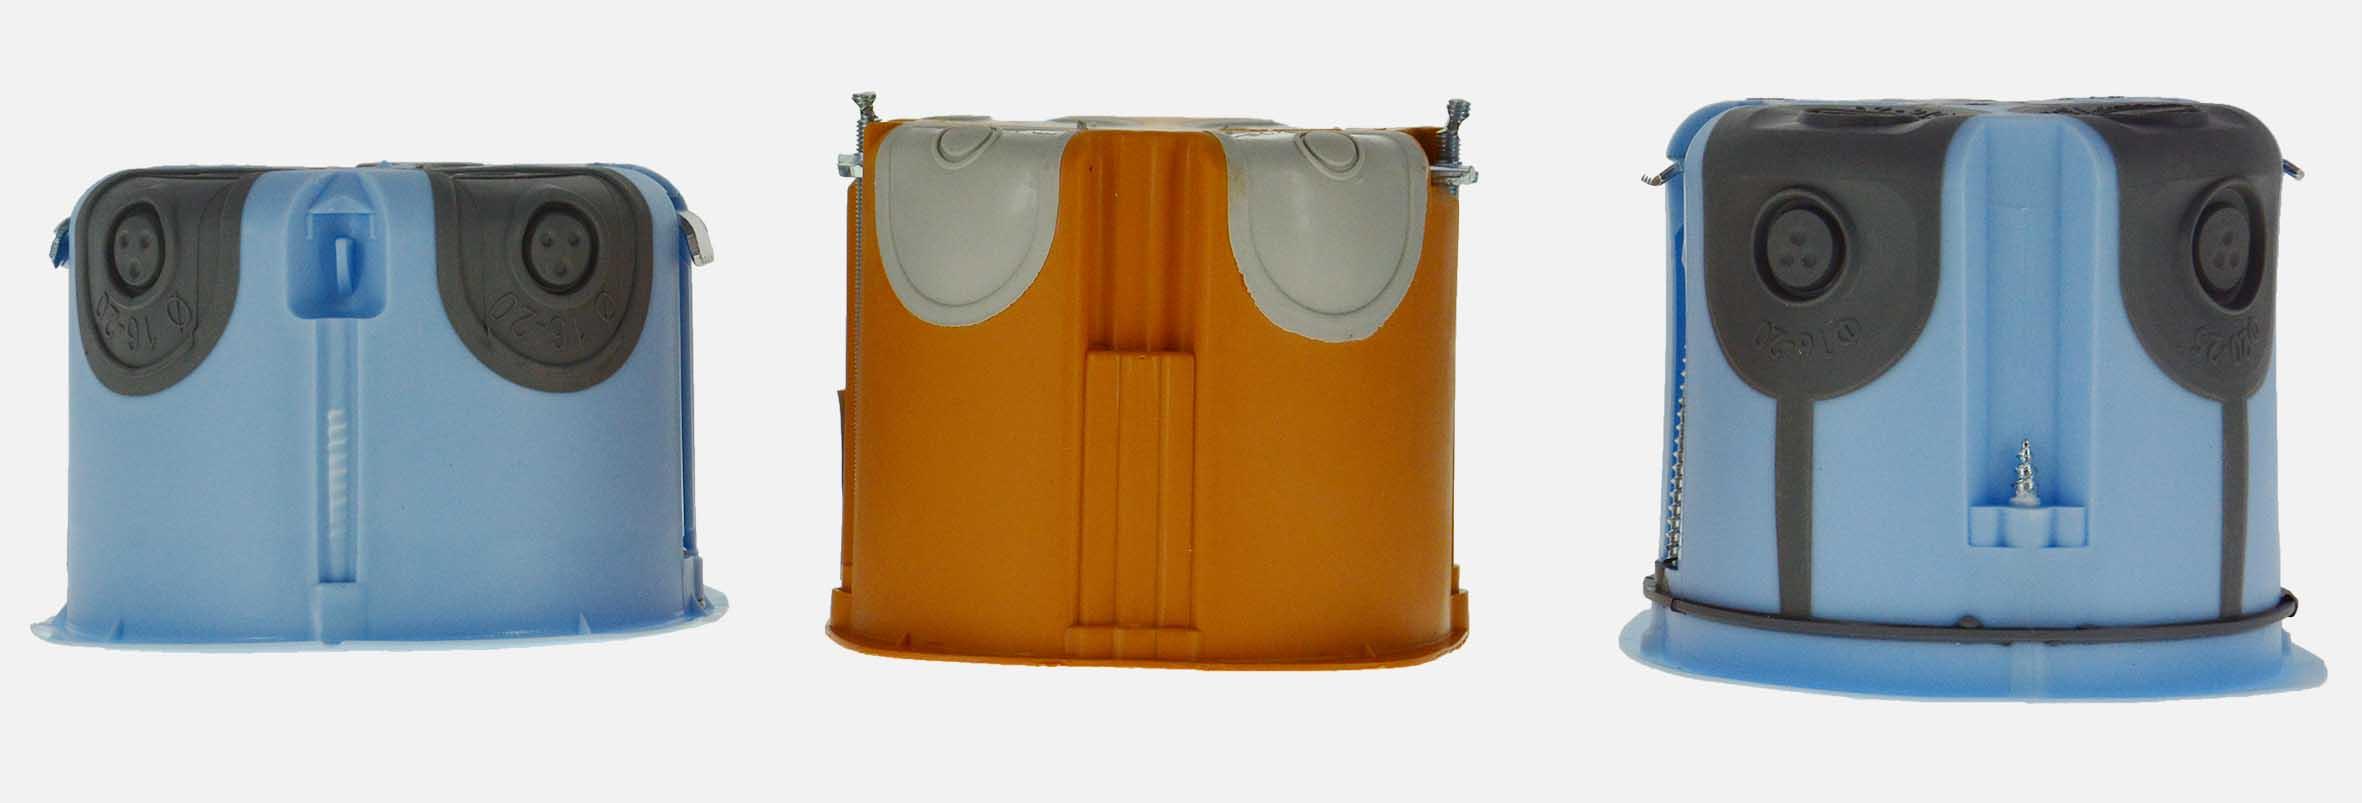 Diametre Scie Cloche Prise De Courant boite placo 50 - 55 ou 60 mm : comment choisir la boîte qui